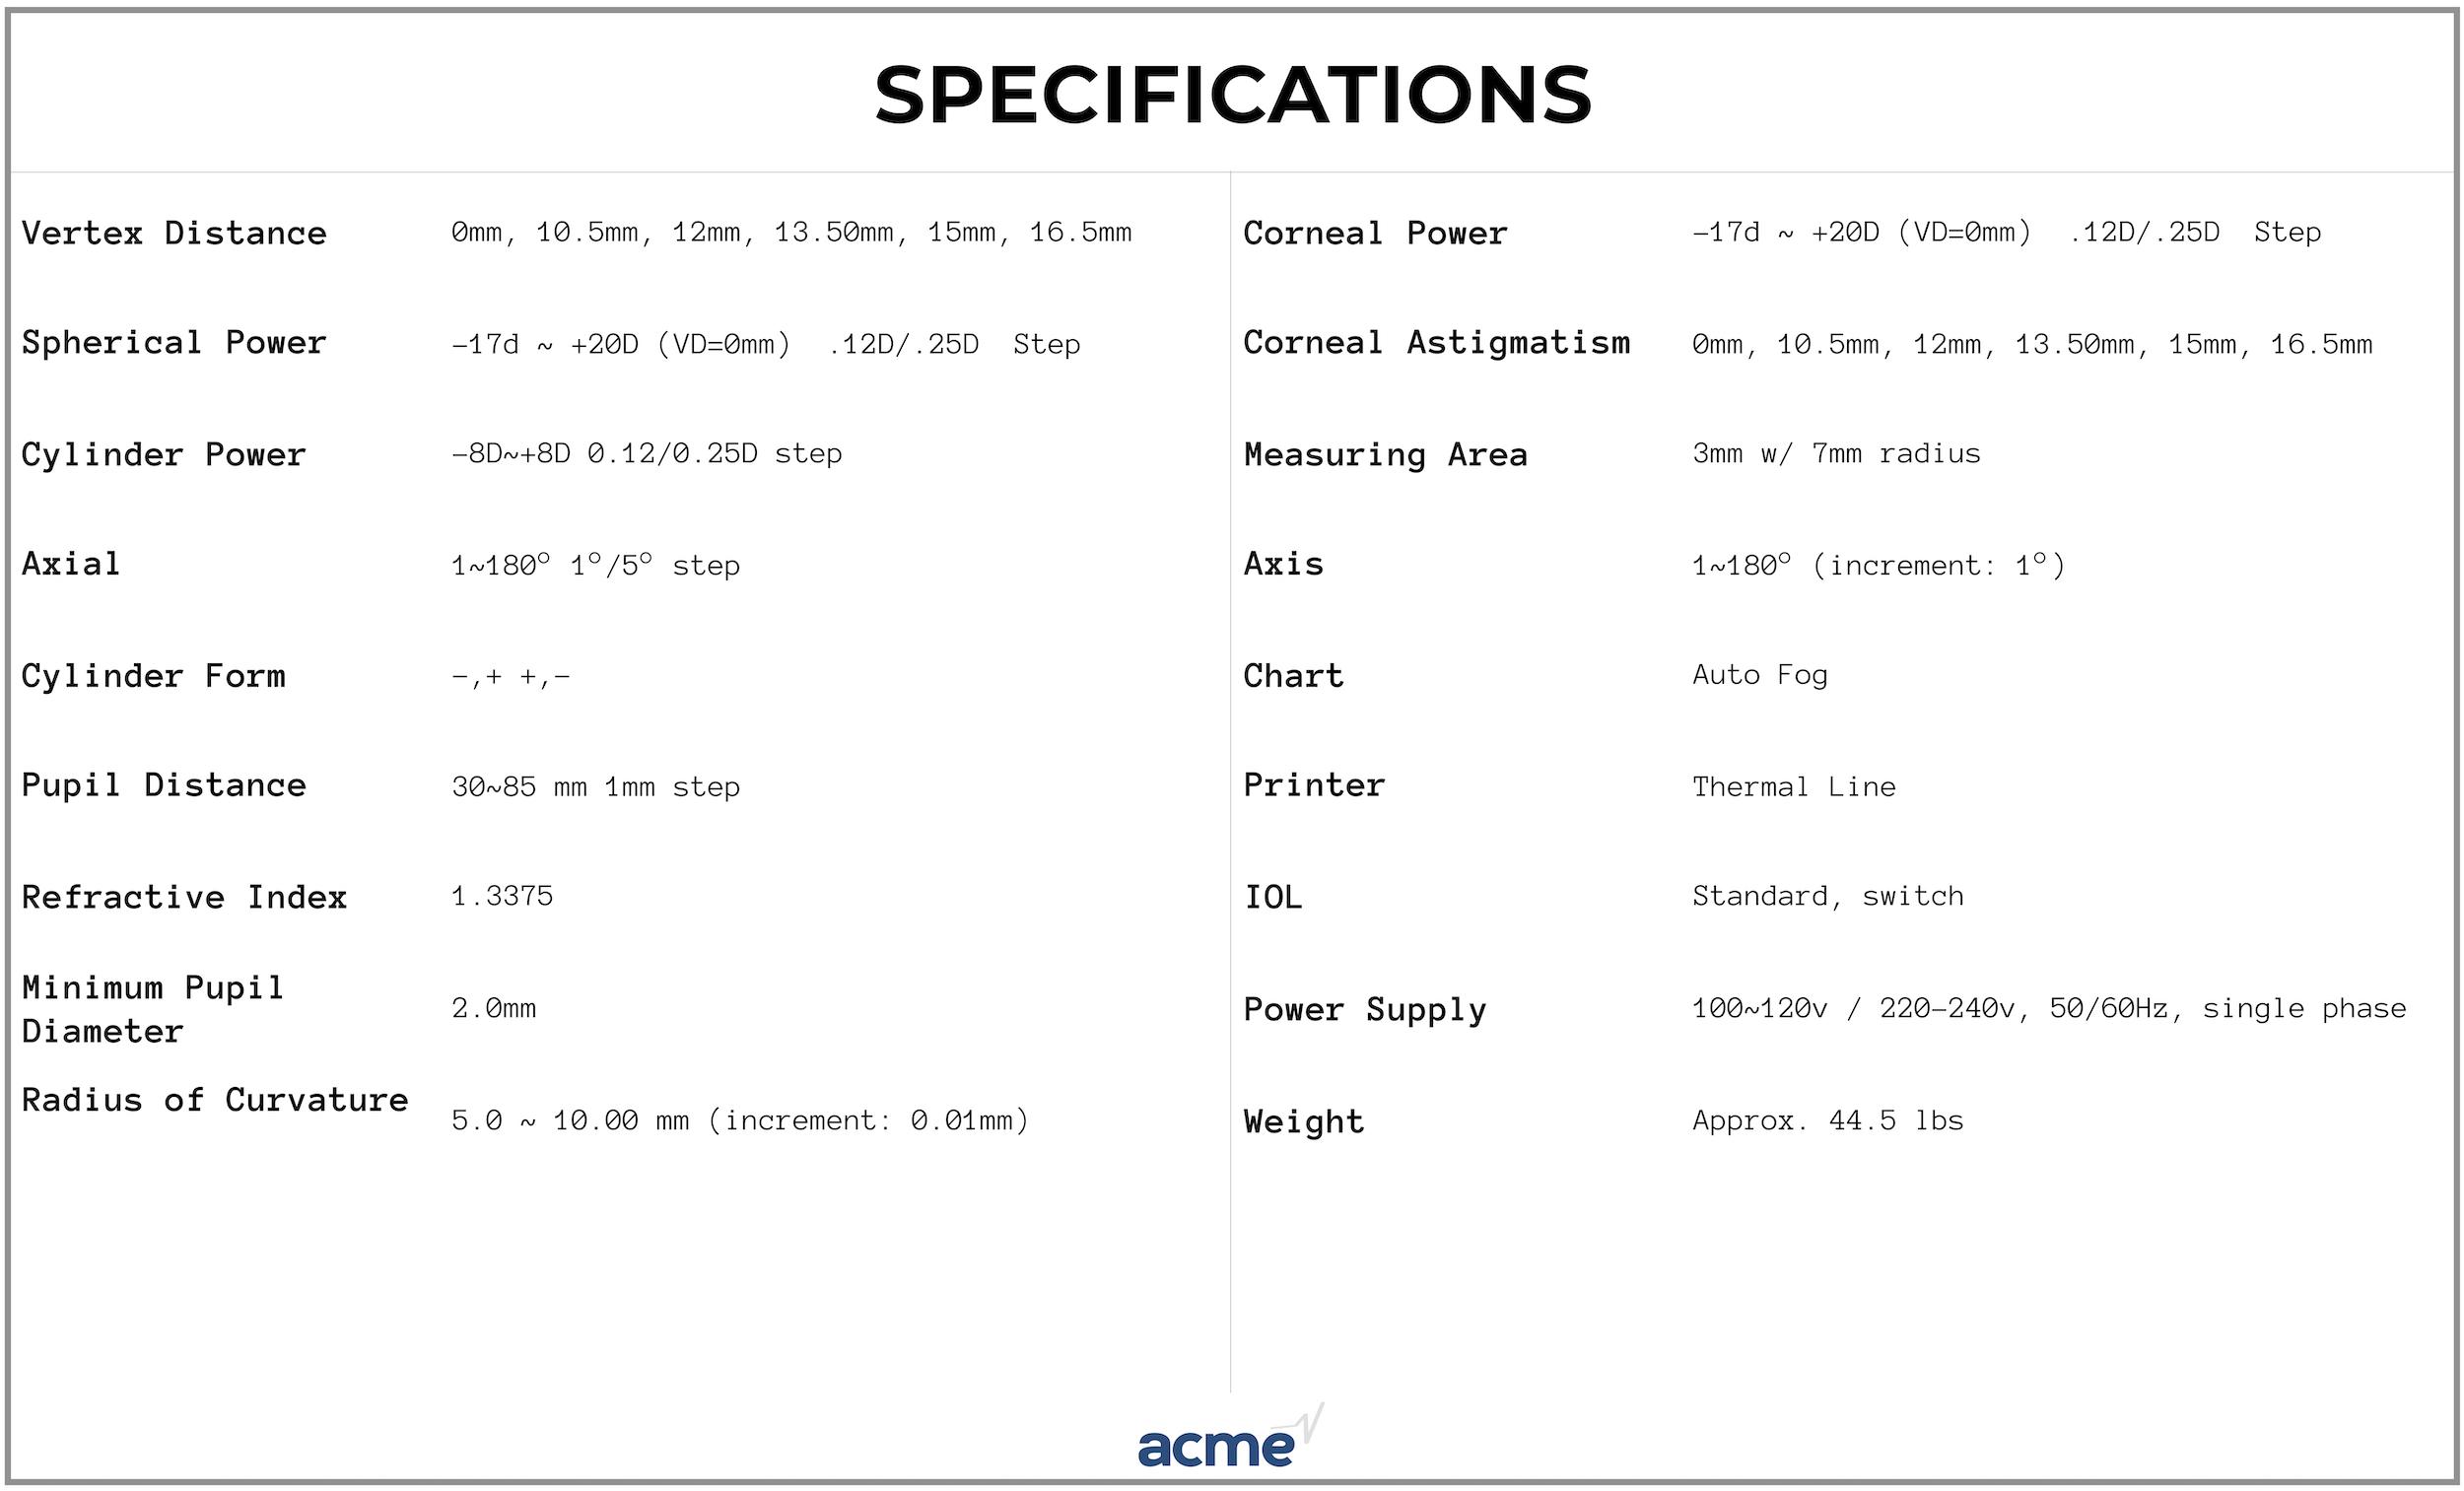 Topcon KR-8000 Autorefractor/Keratometer For SALE